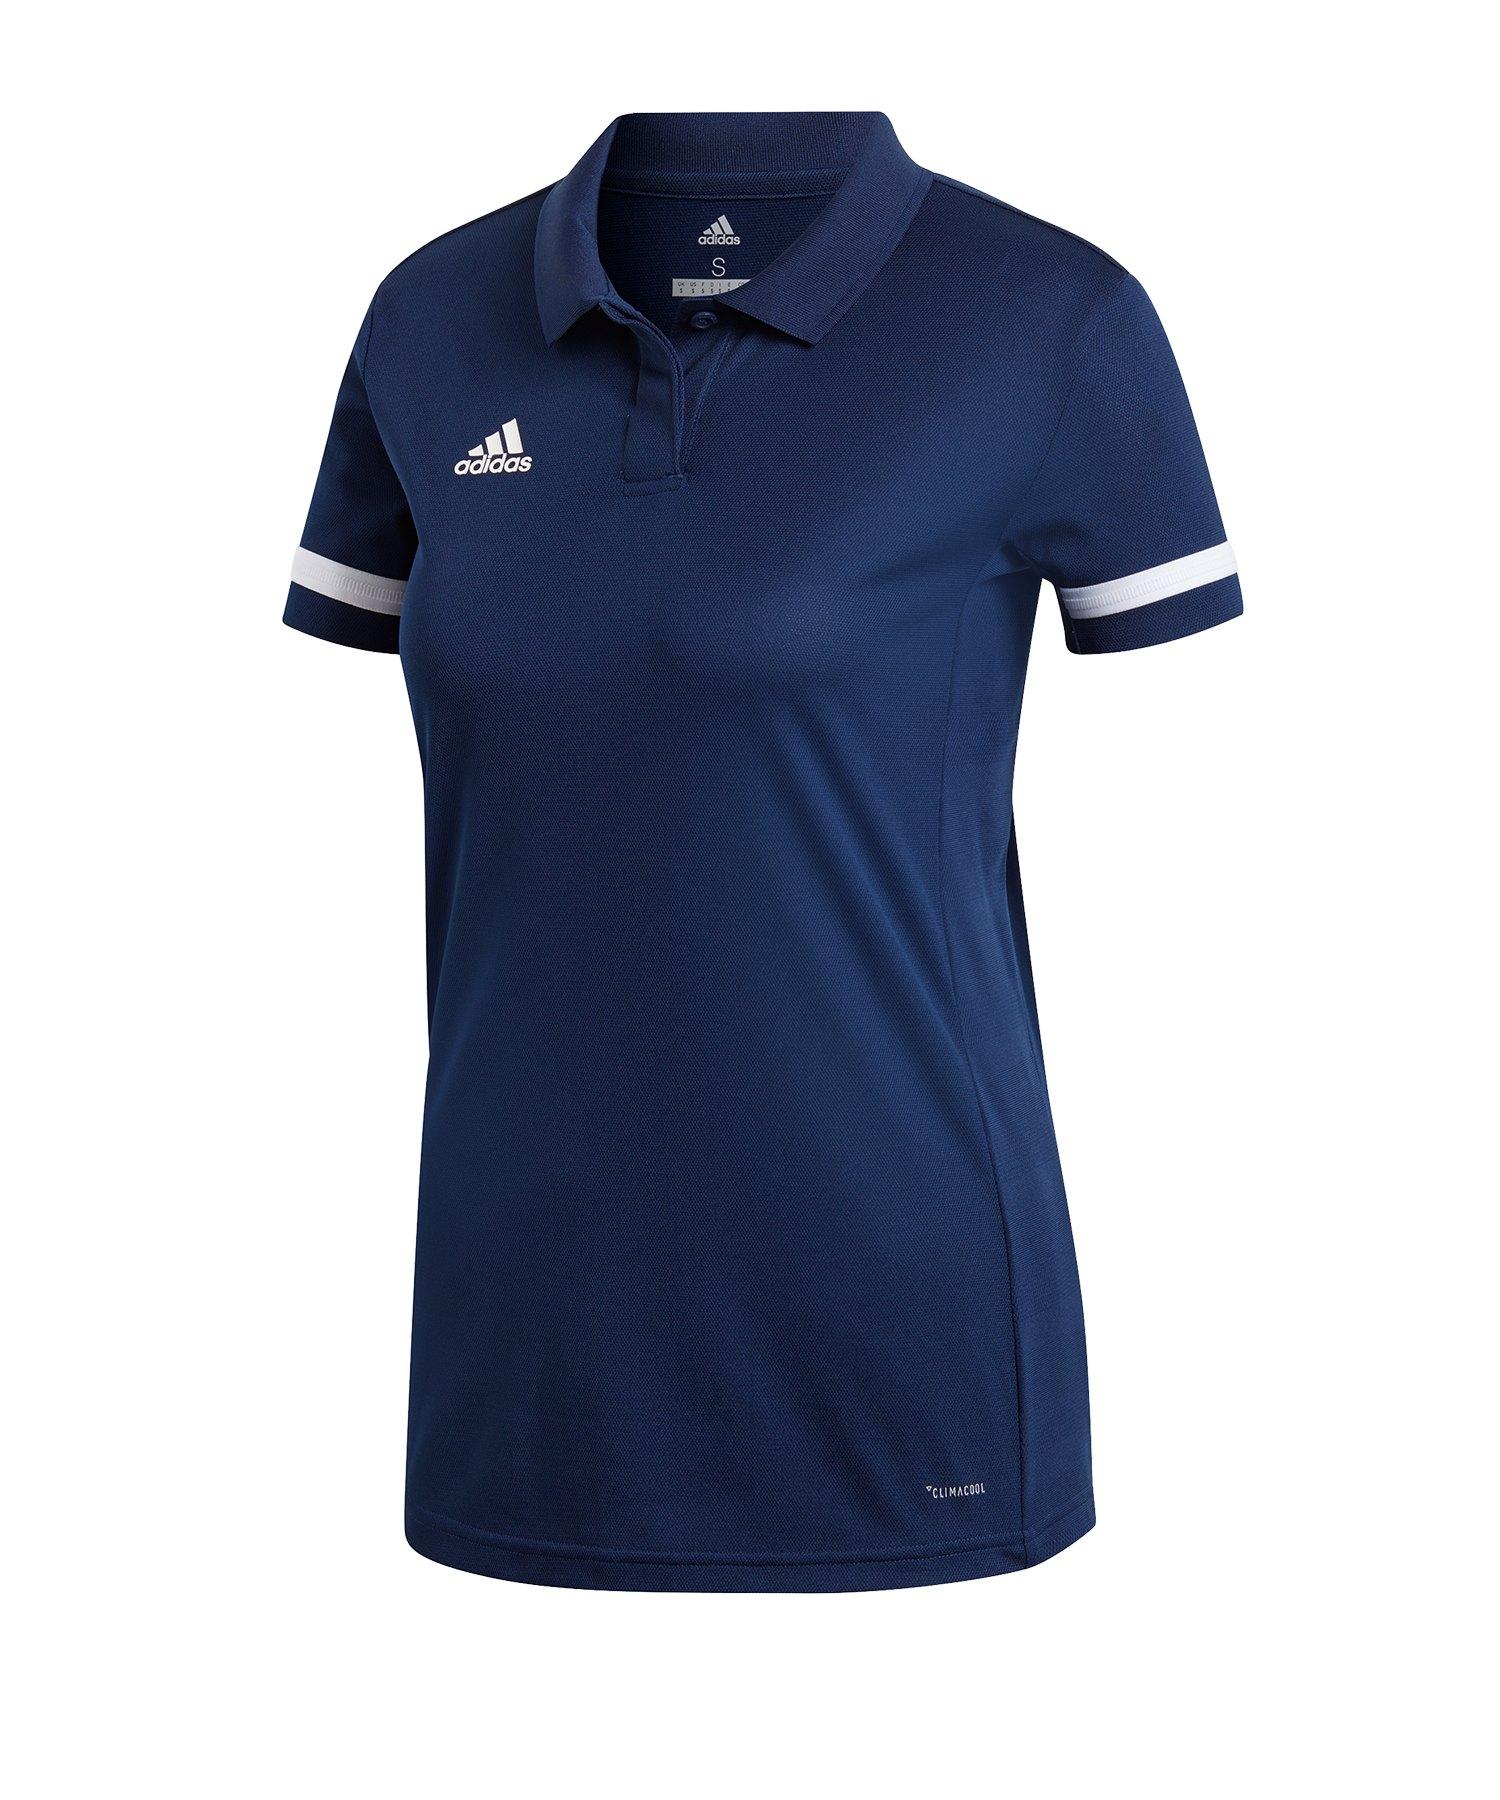 adidas Team 19 Poloshirt Damen Blau Weiss - blau